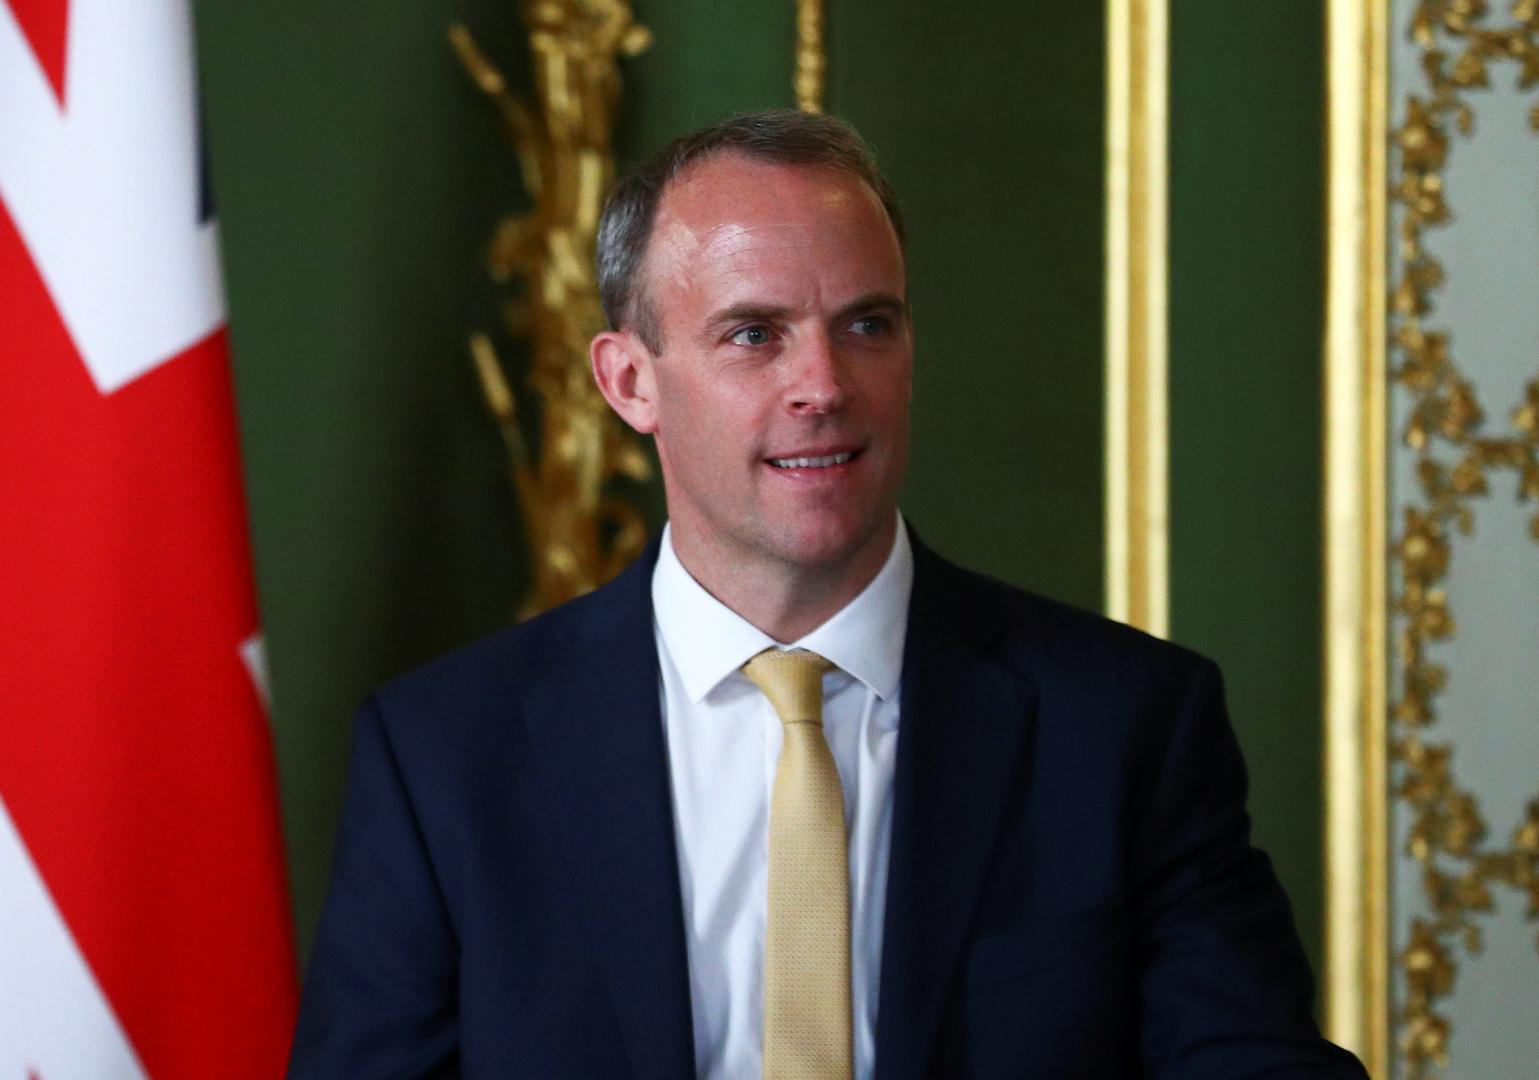 وزير الخارجية البريطاني في السودان لأول مرة منذ أكثر من عقد